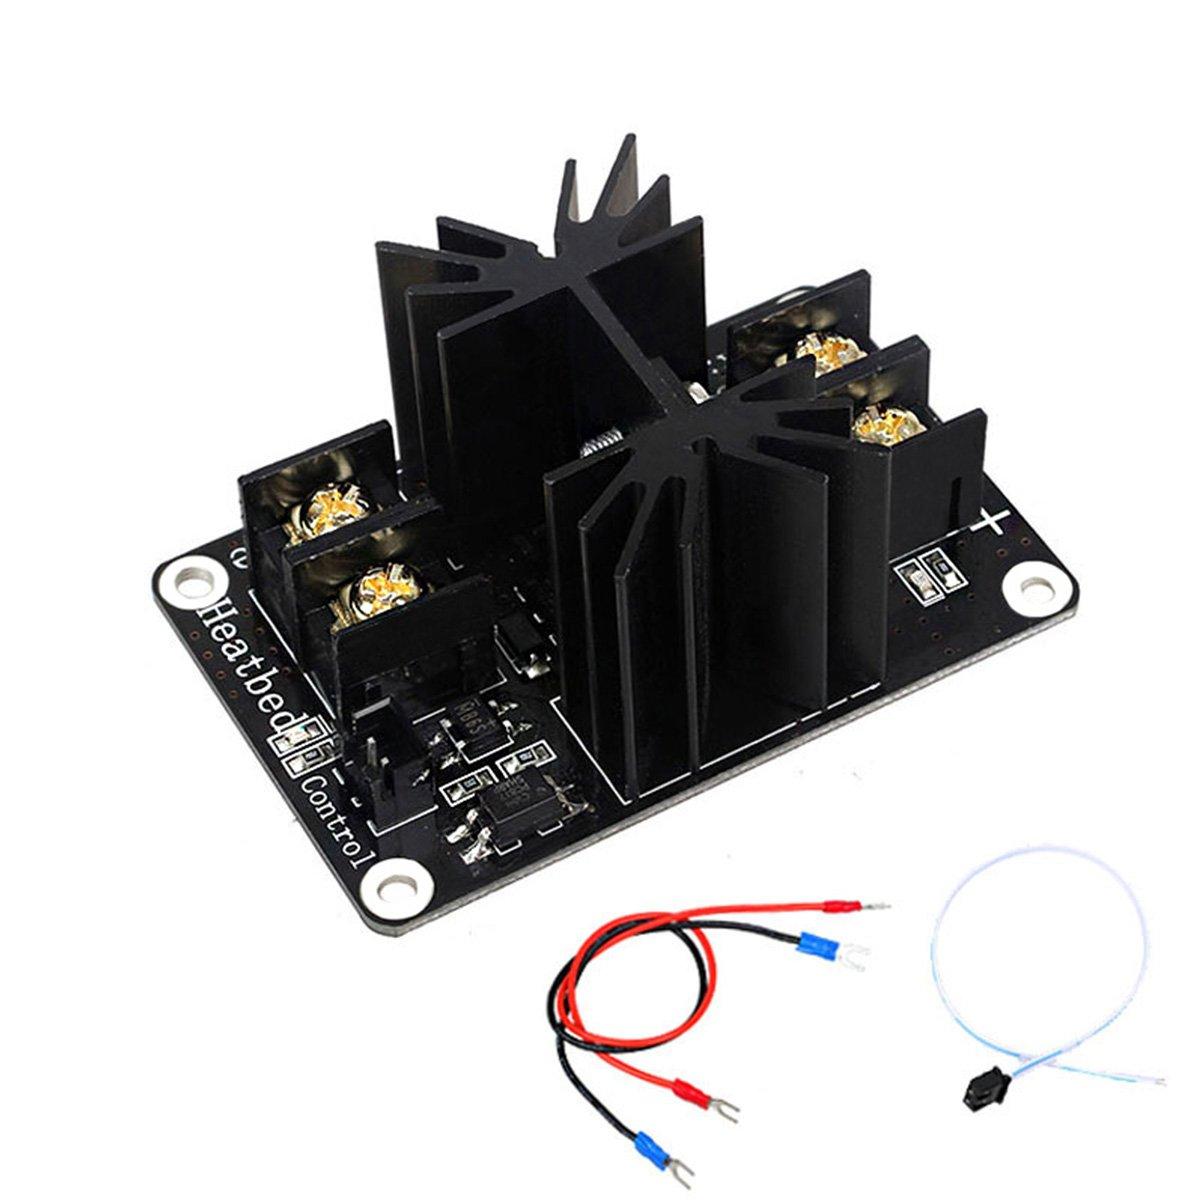 Dealit 3D Stampante Modulo di Riscaldamento a Letto Riscaldato Alta Corrente 210A MOSFET Aggiornamento RAMPS 1.4 103047